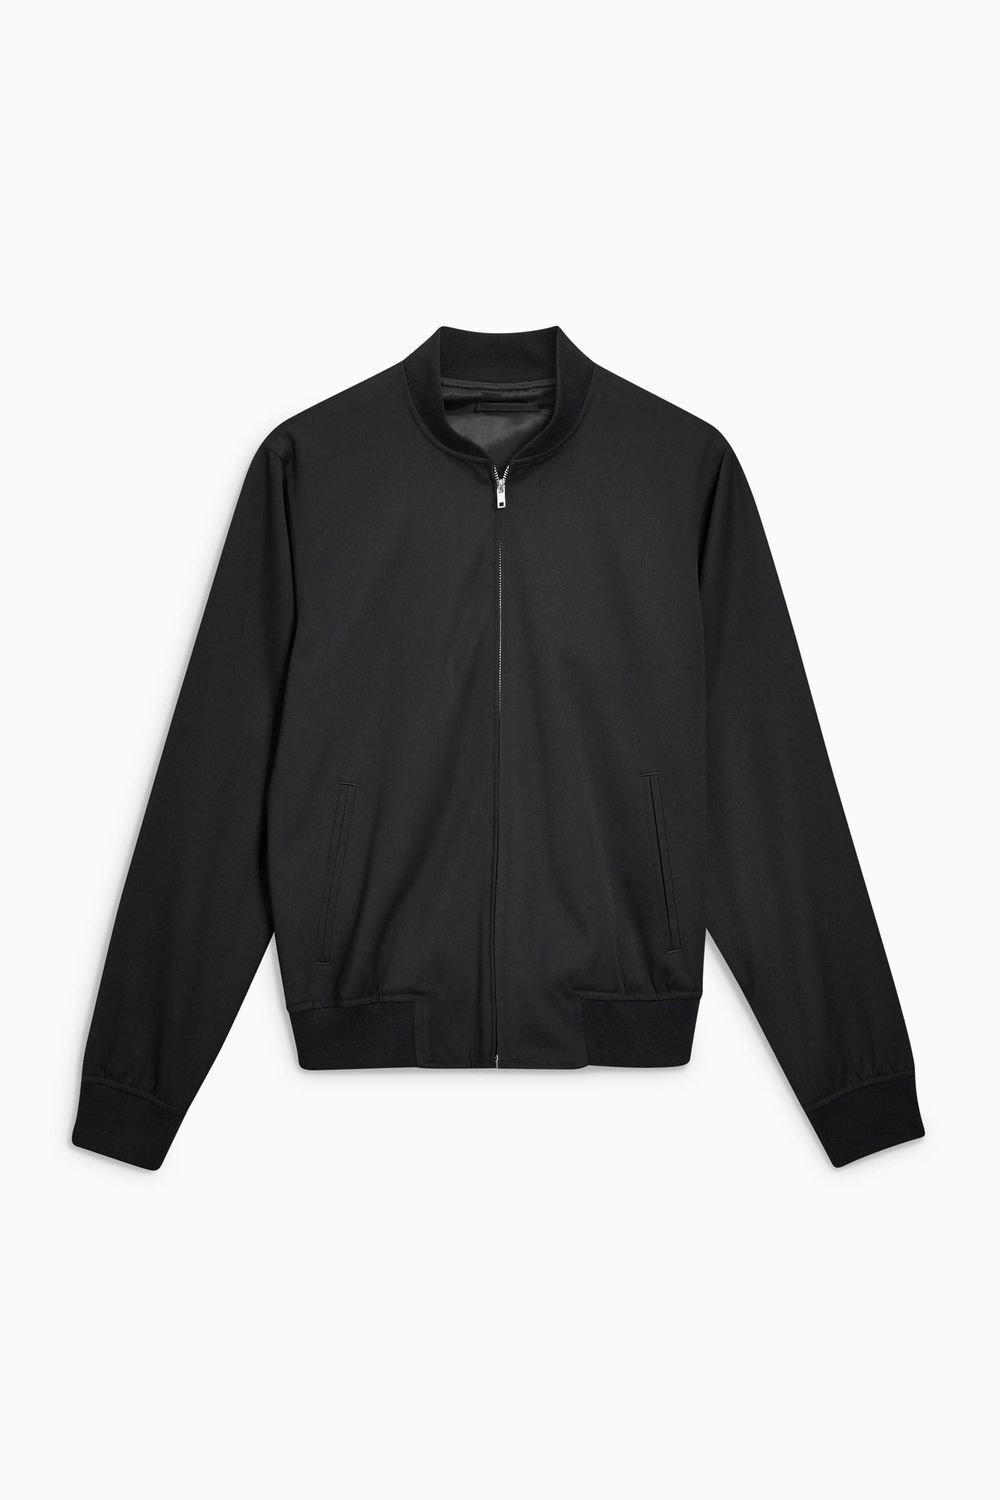 Next Bomber Jacket Online Shop Ezibuy